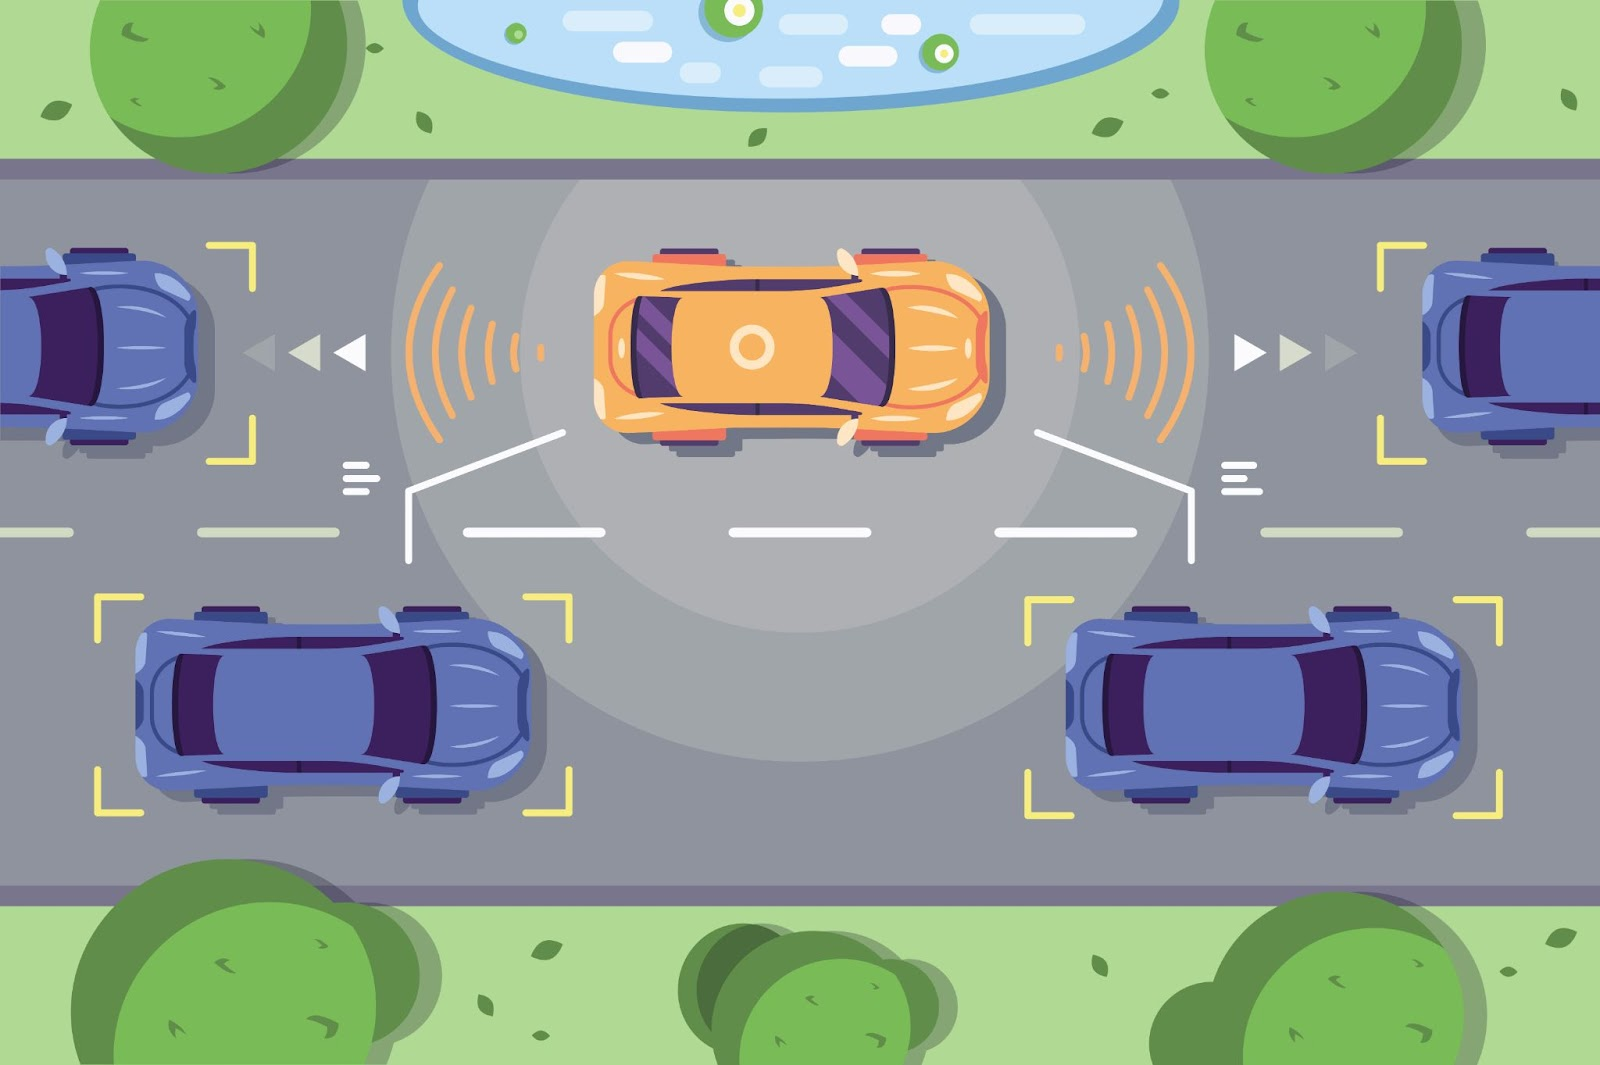 Localization in self-driving car.